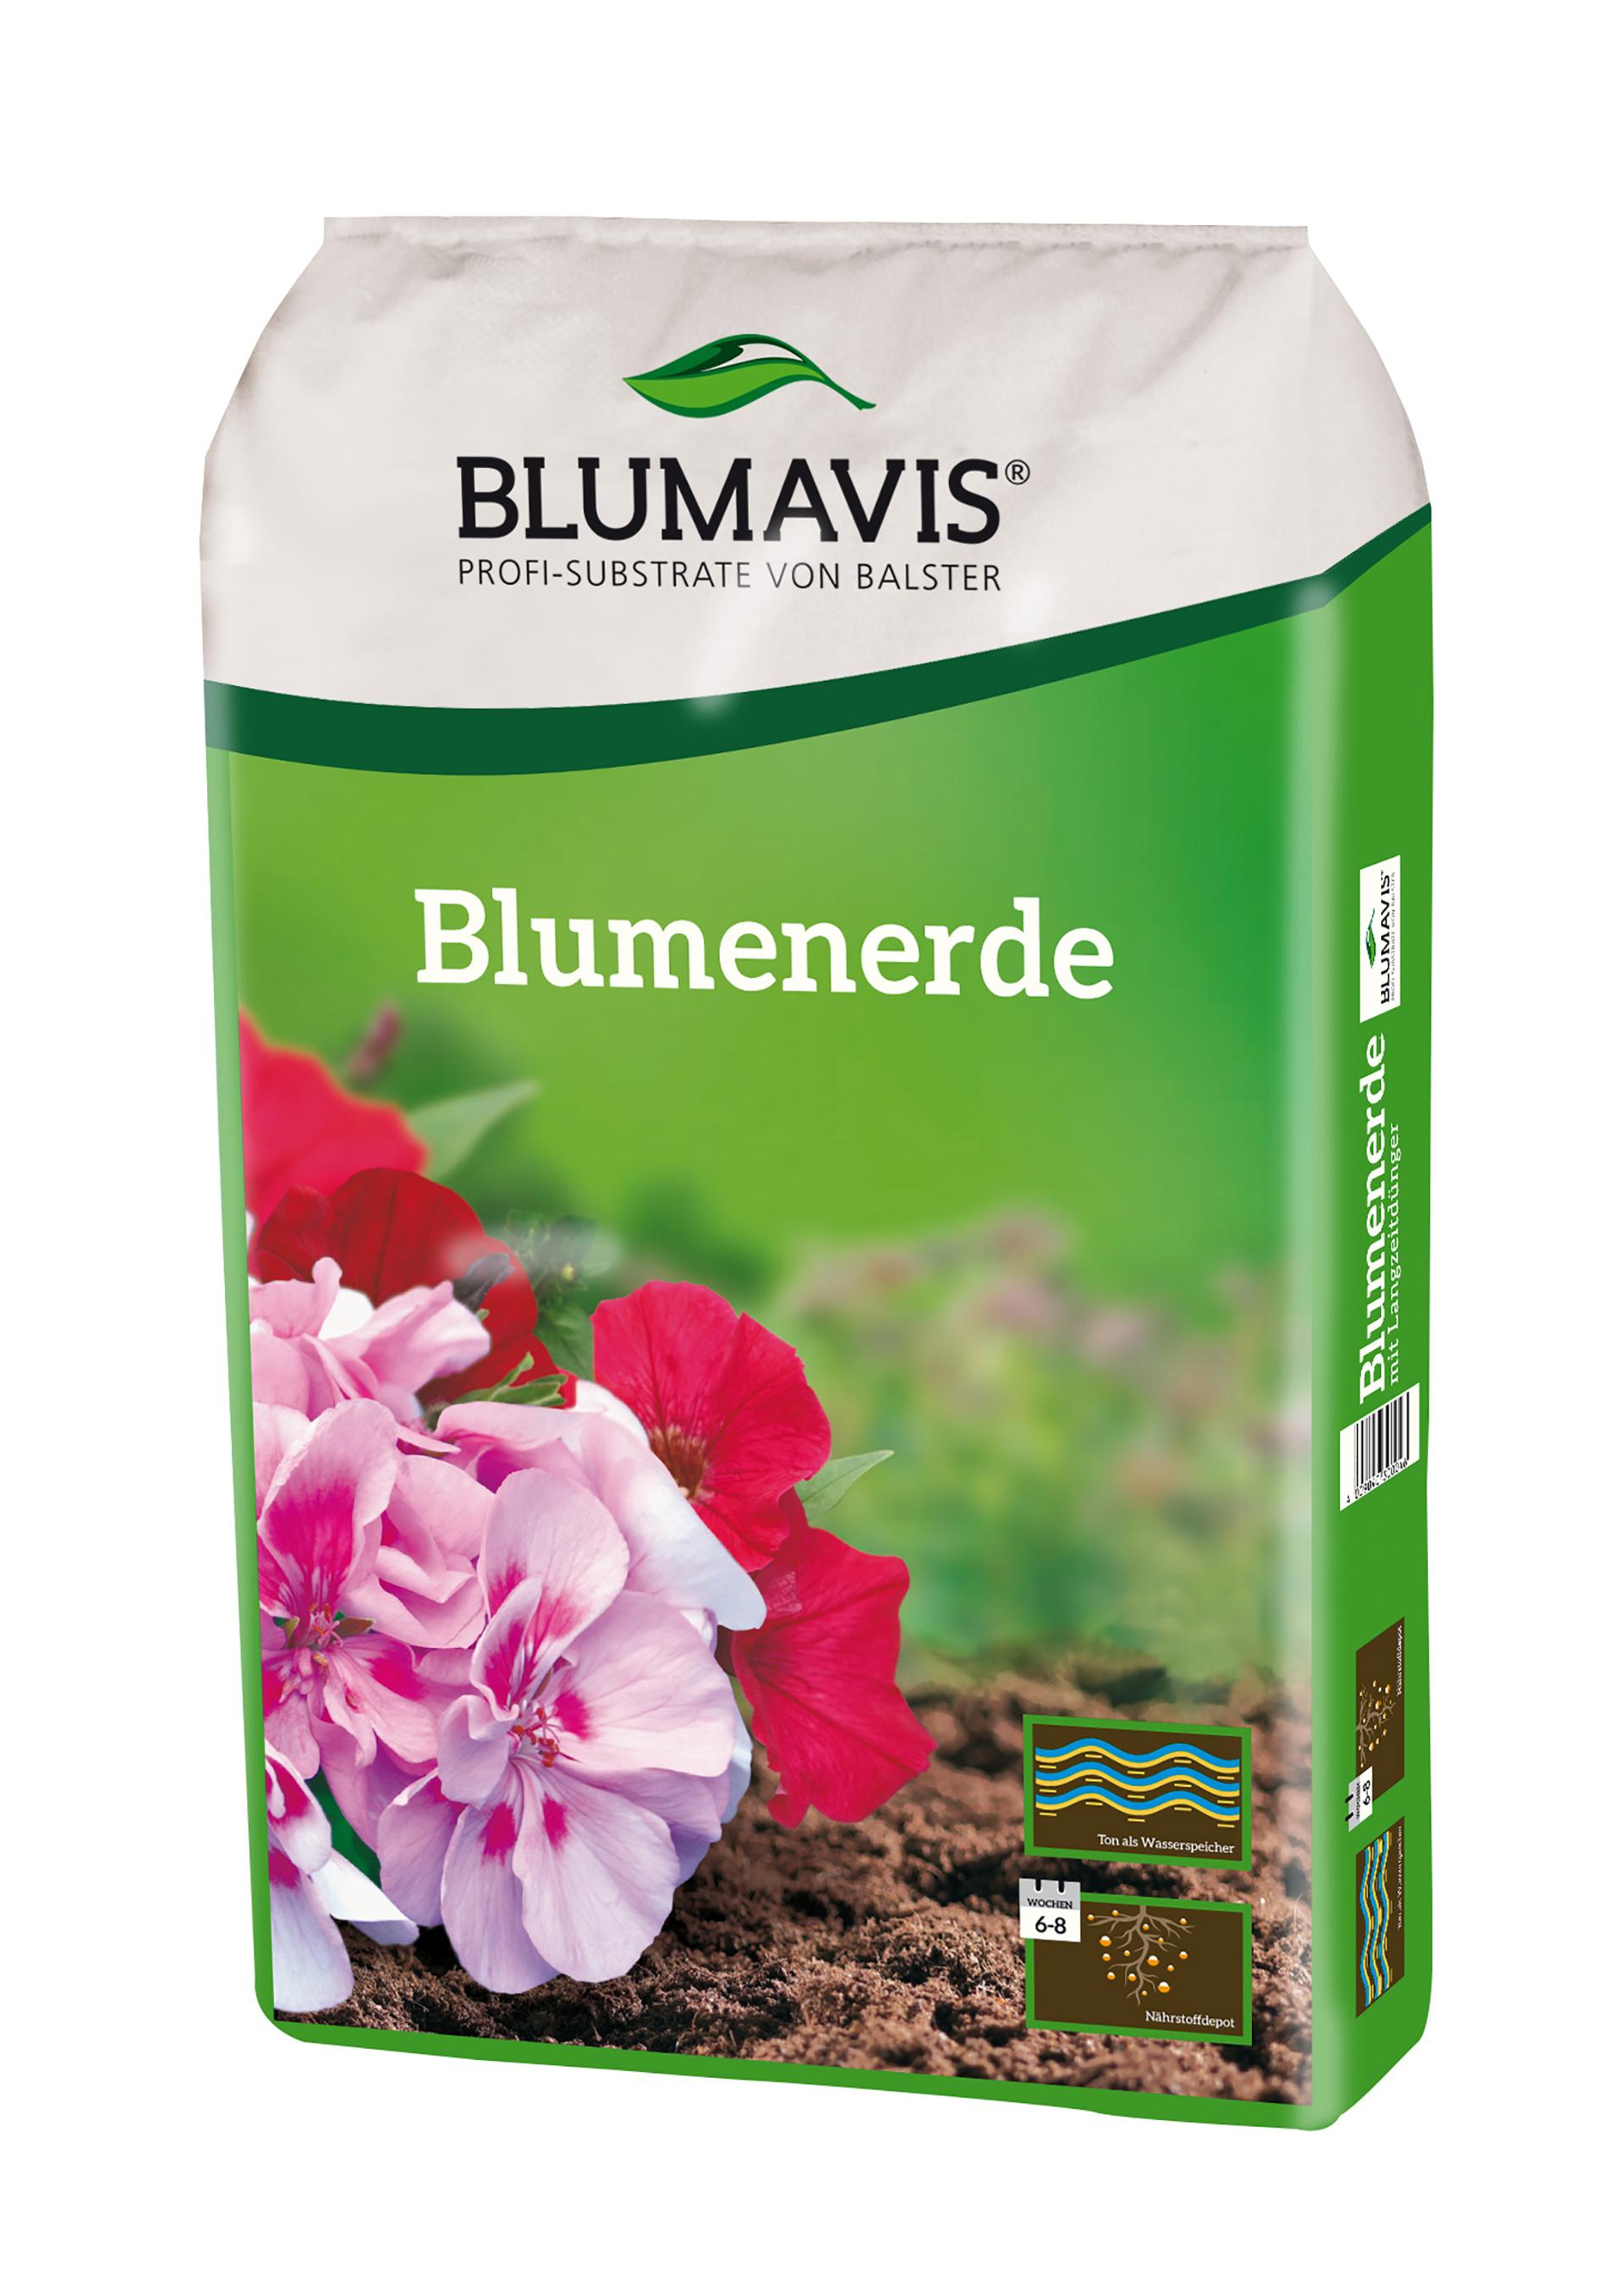 Blumavis Blumenerde 20l